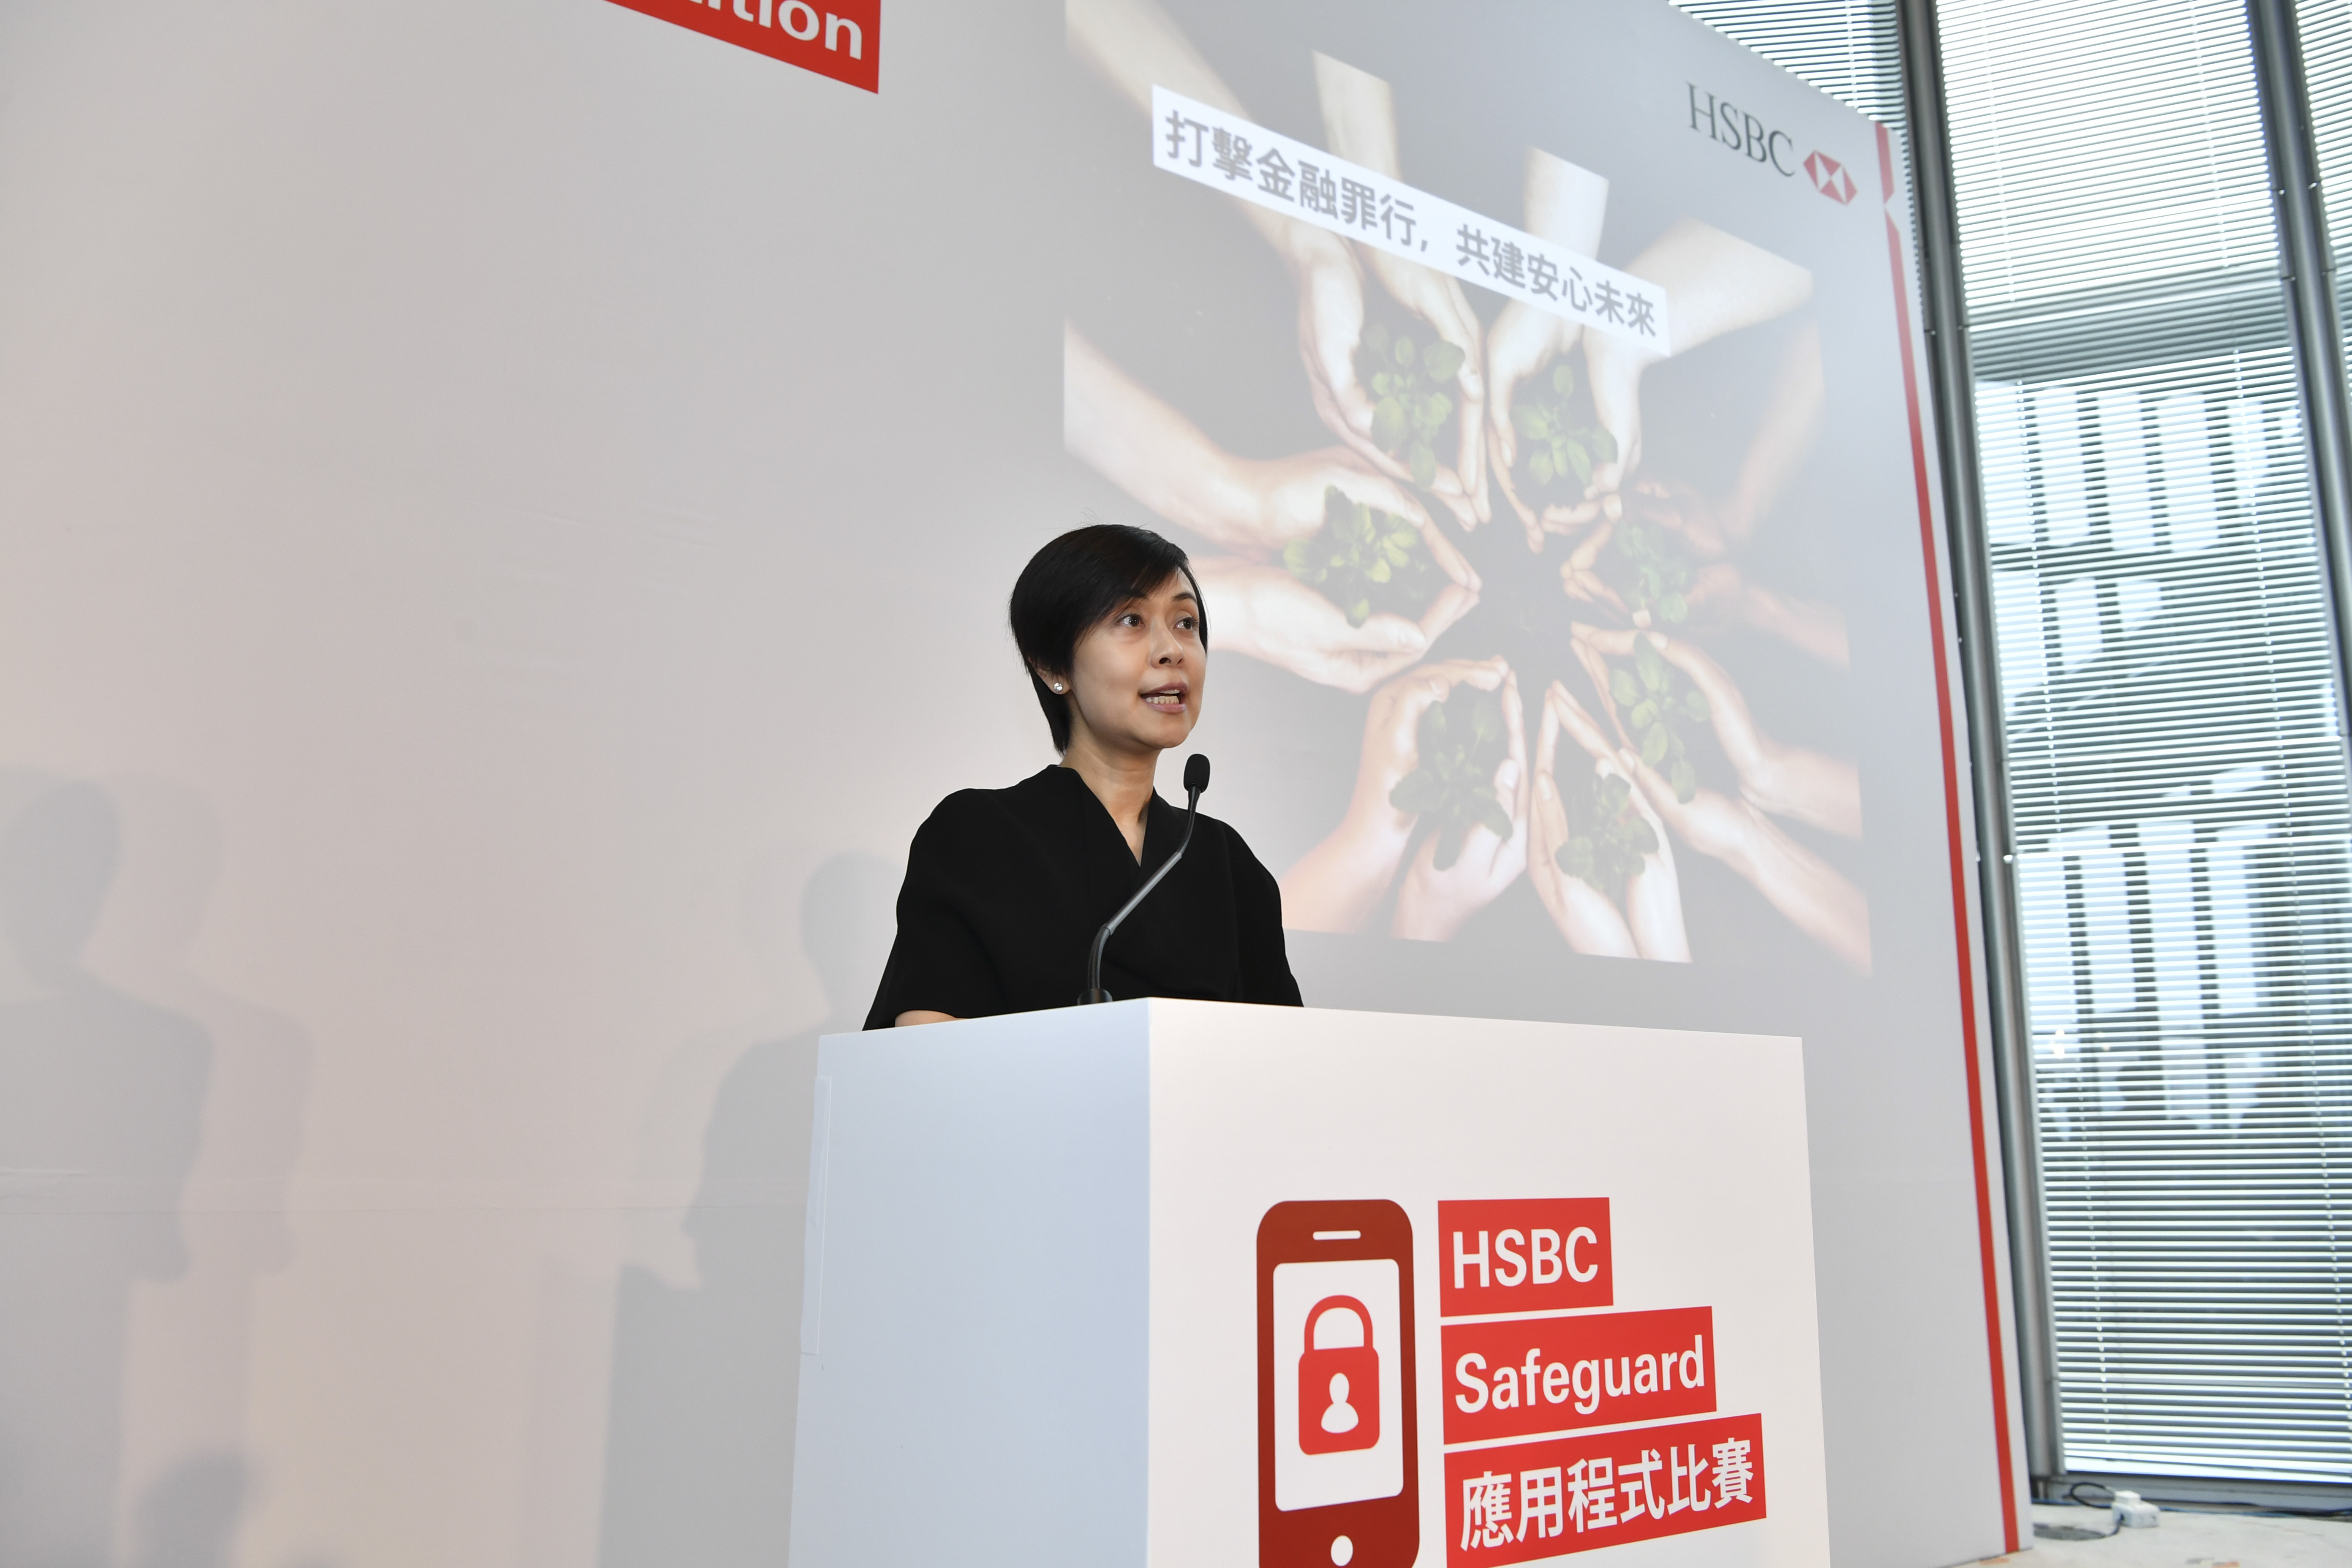 Diana Cesar, Chief Executive, HSBC Hong Kong